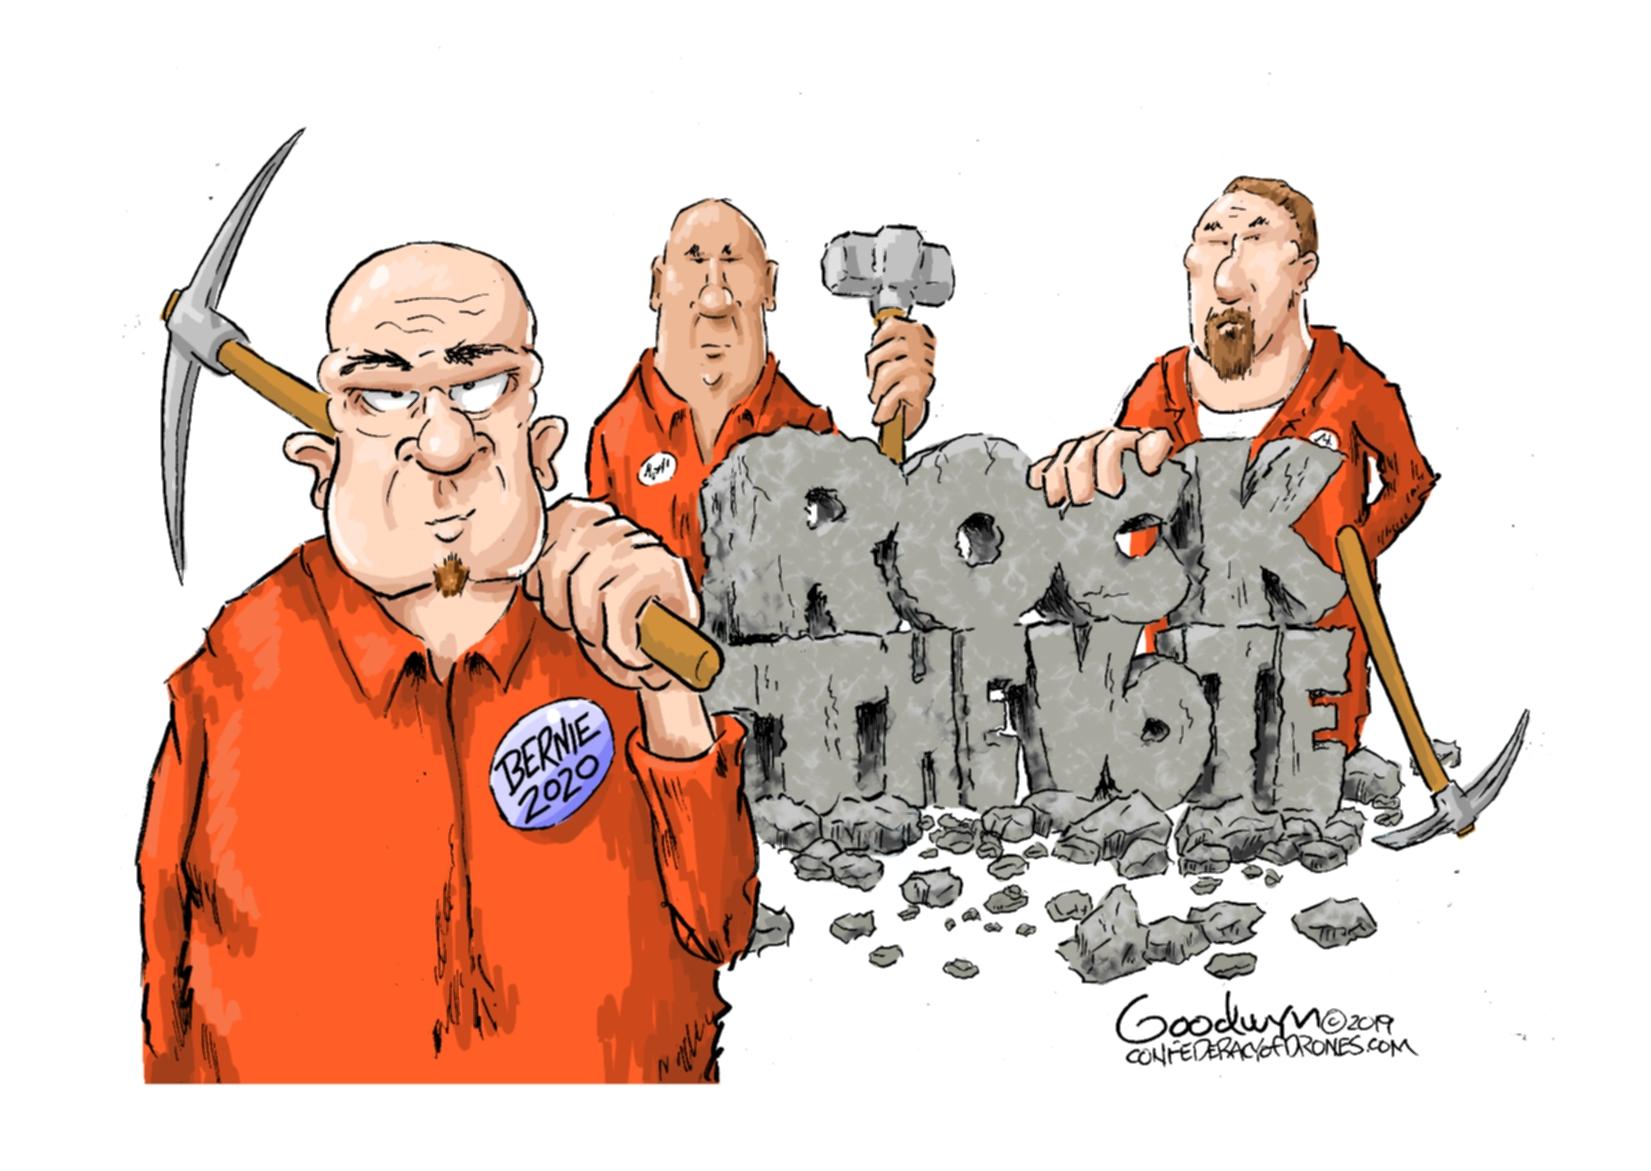 goodwyn Rock the Vote lr 4-27-19